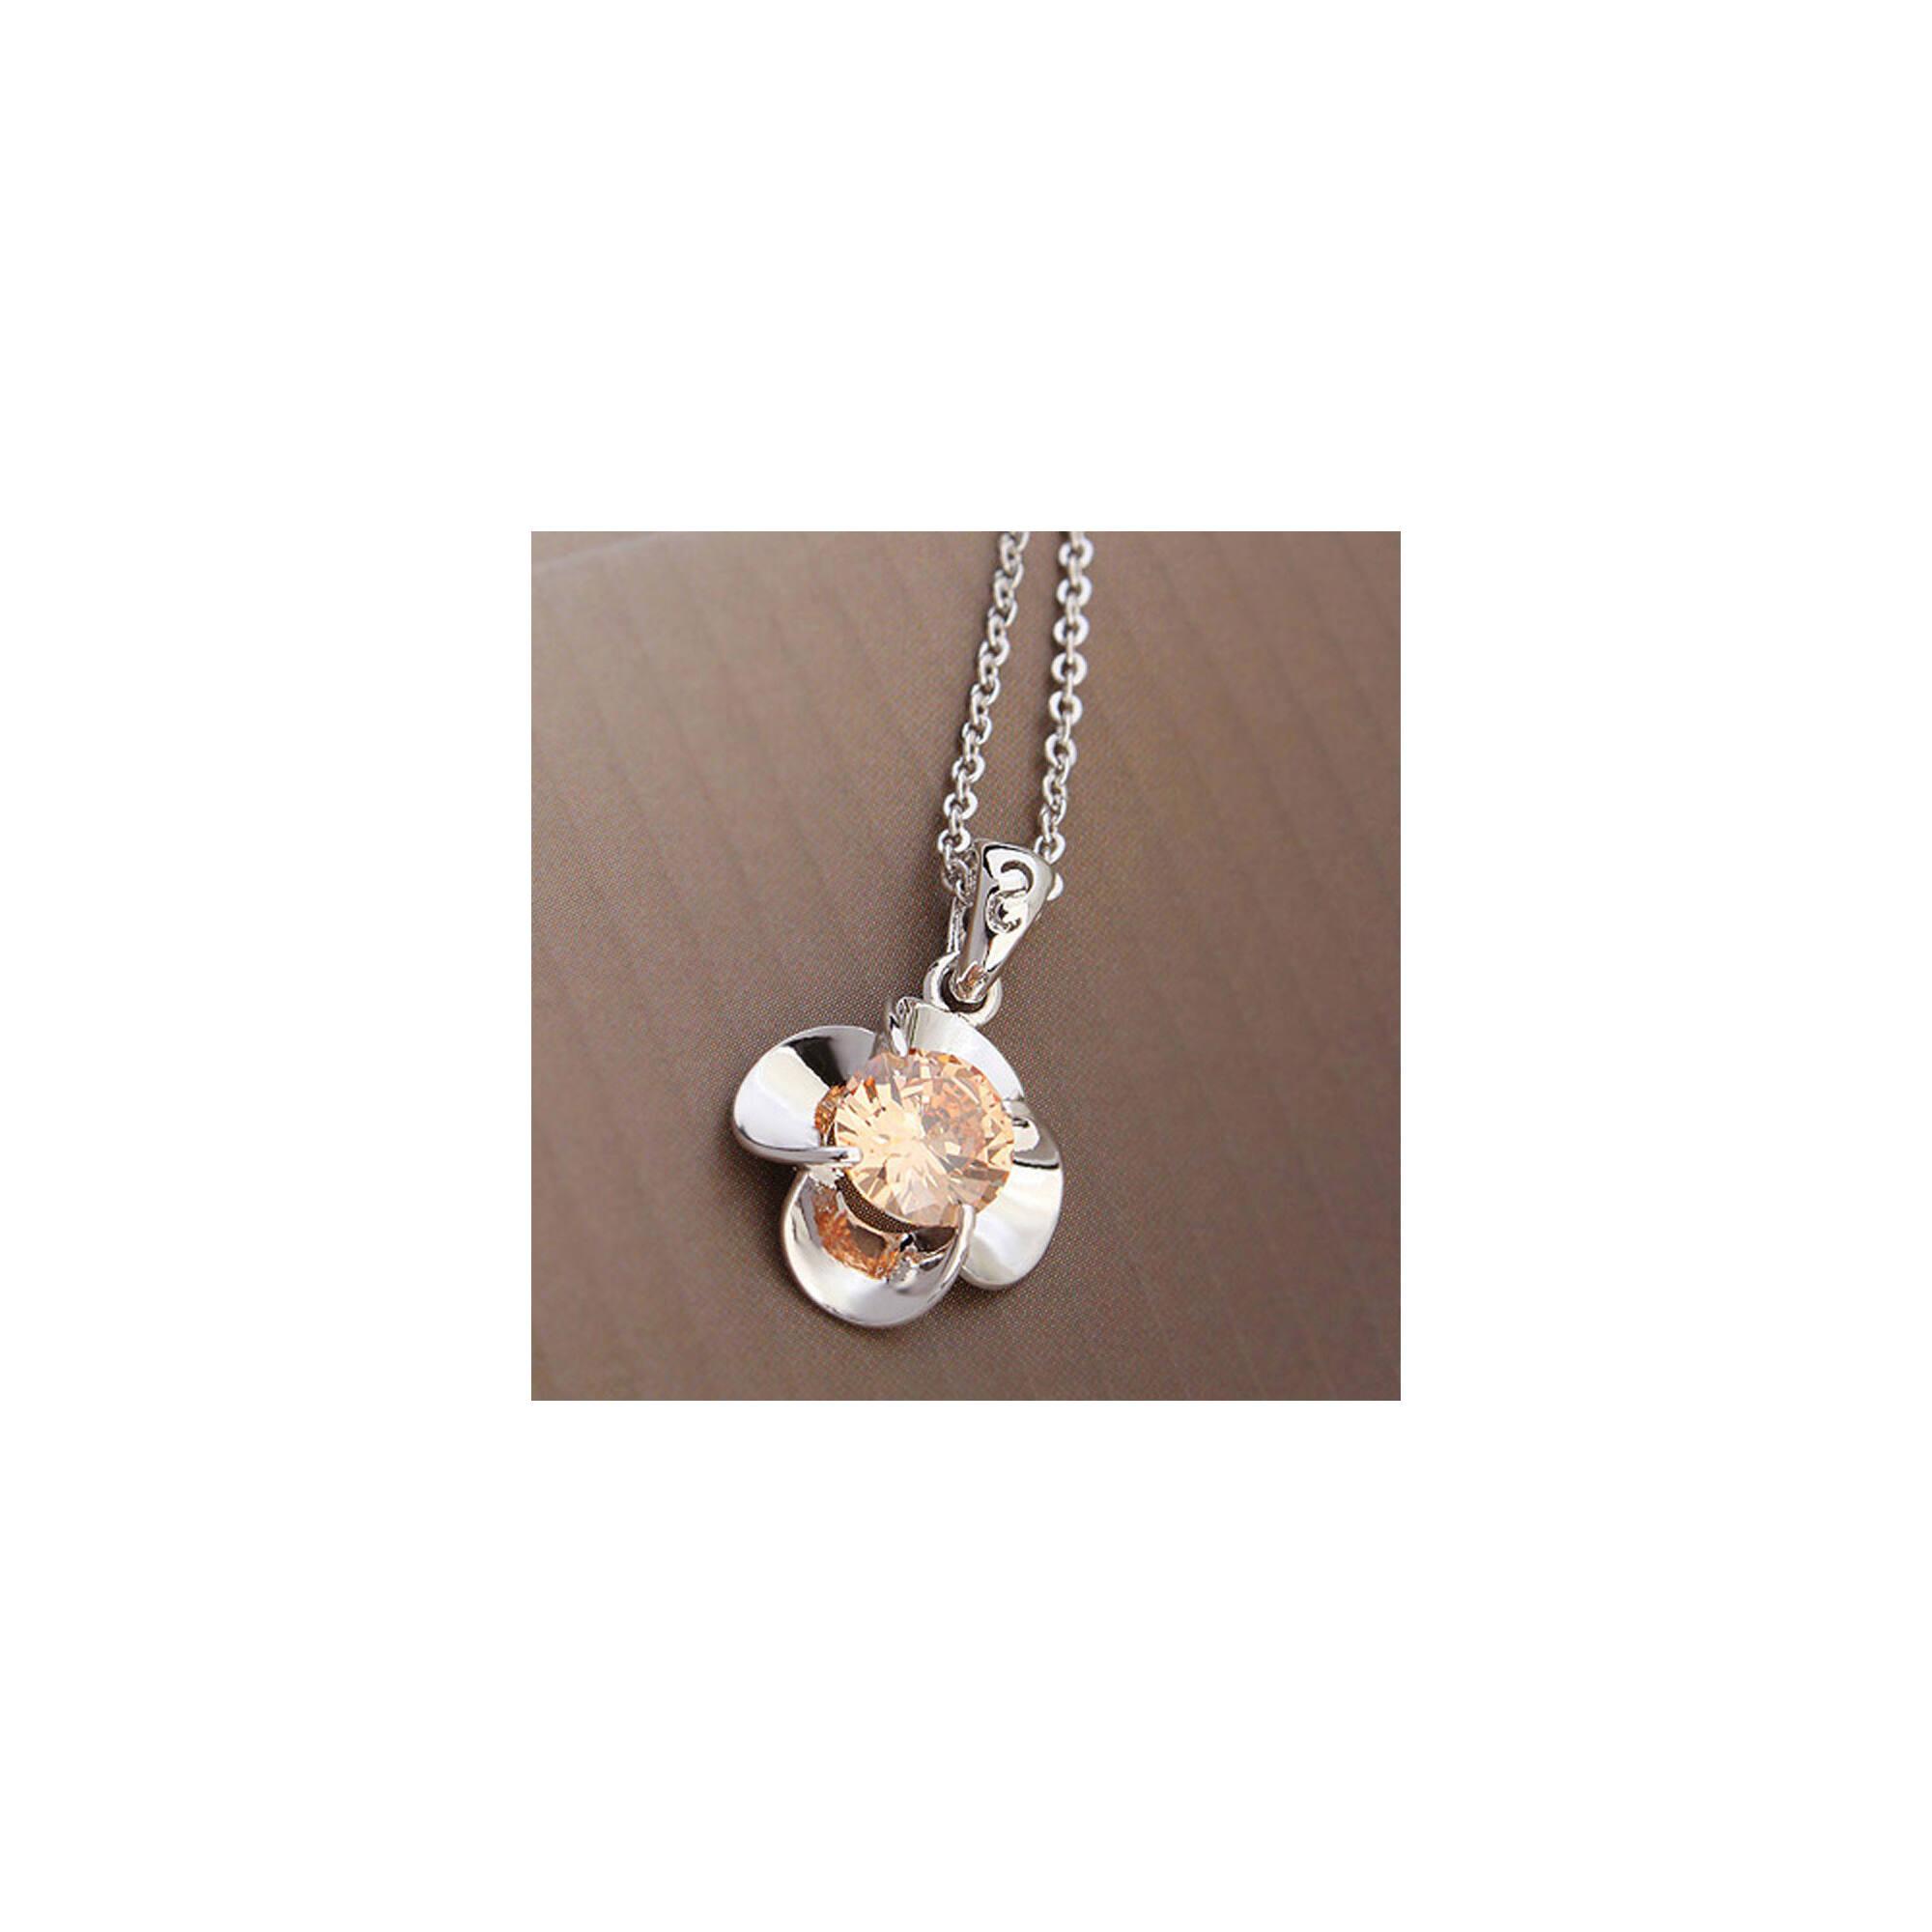 Virág medál nyakláncal